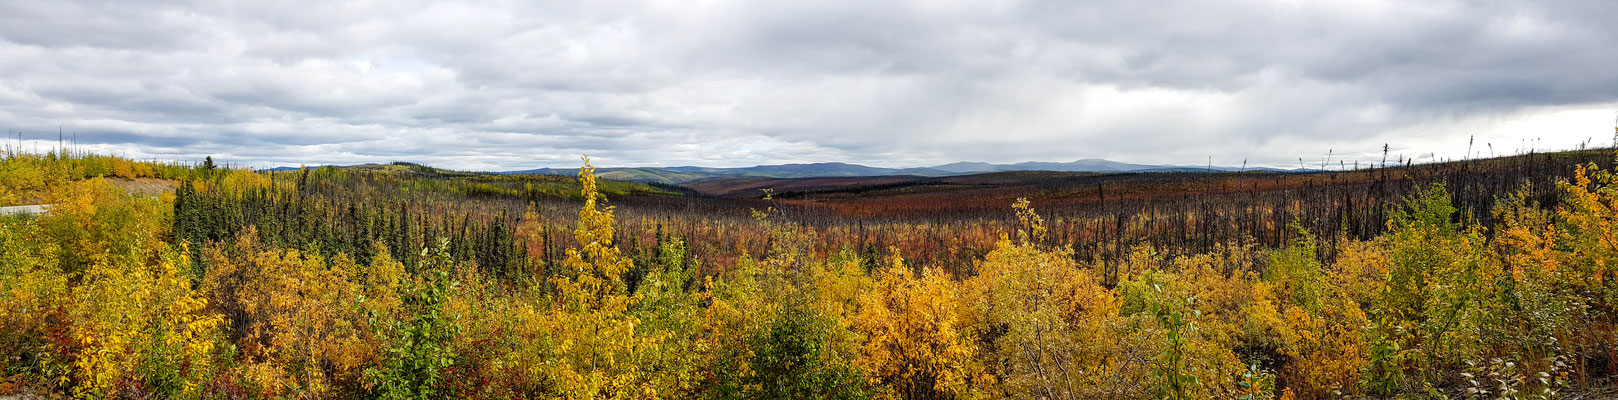 Highway nach Kanada